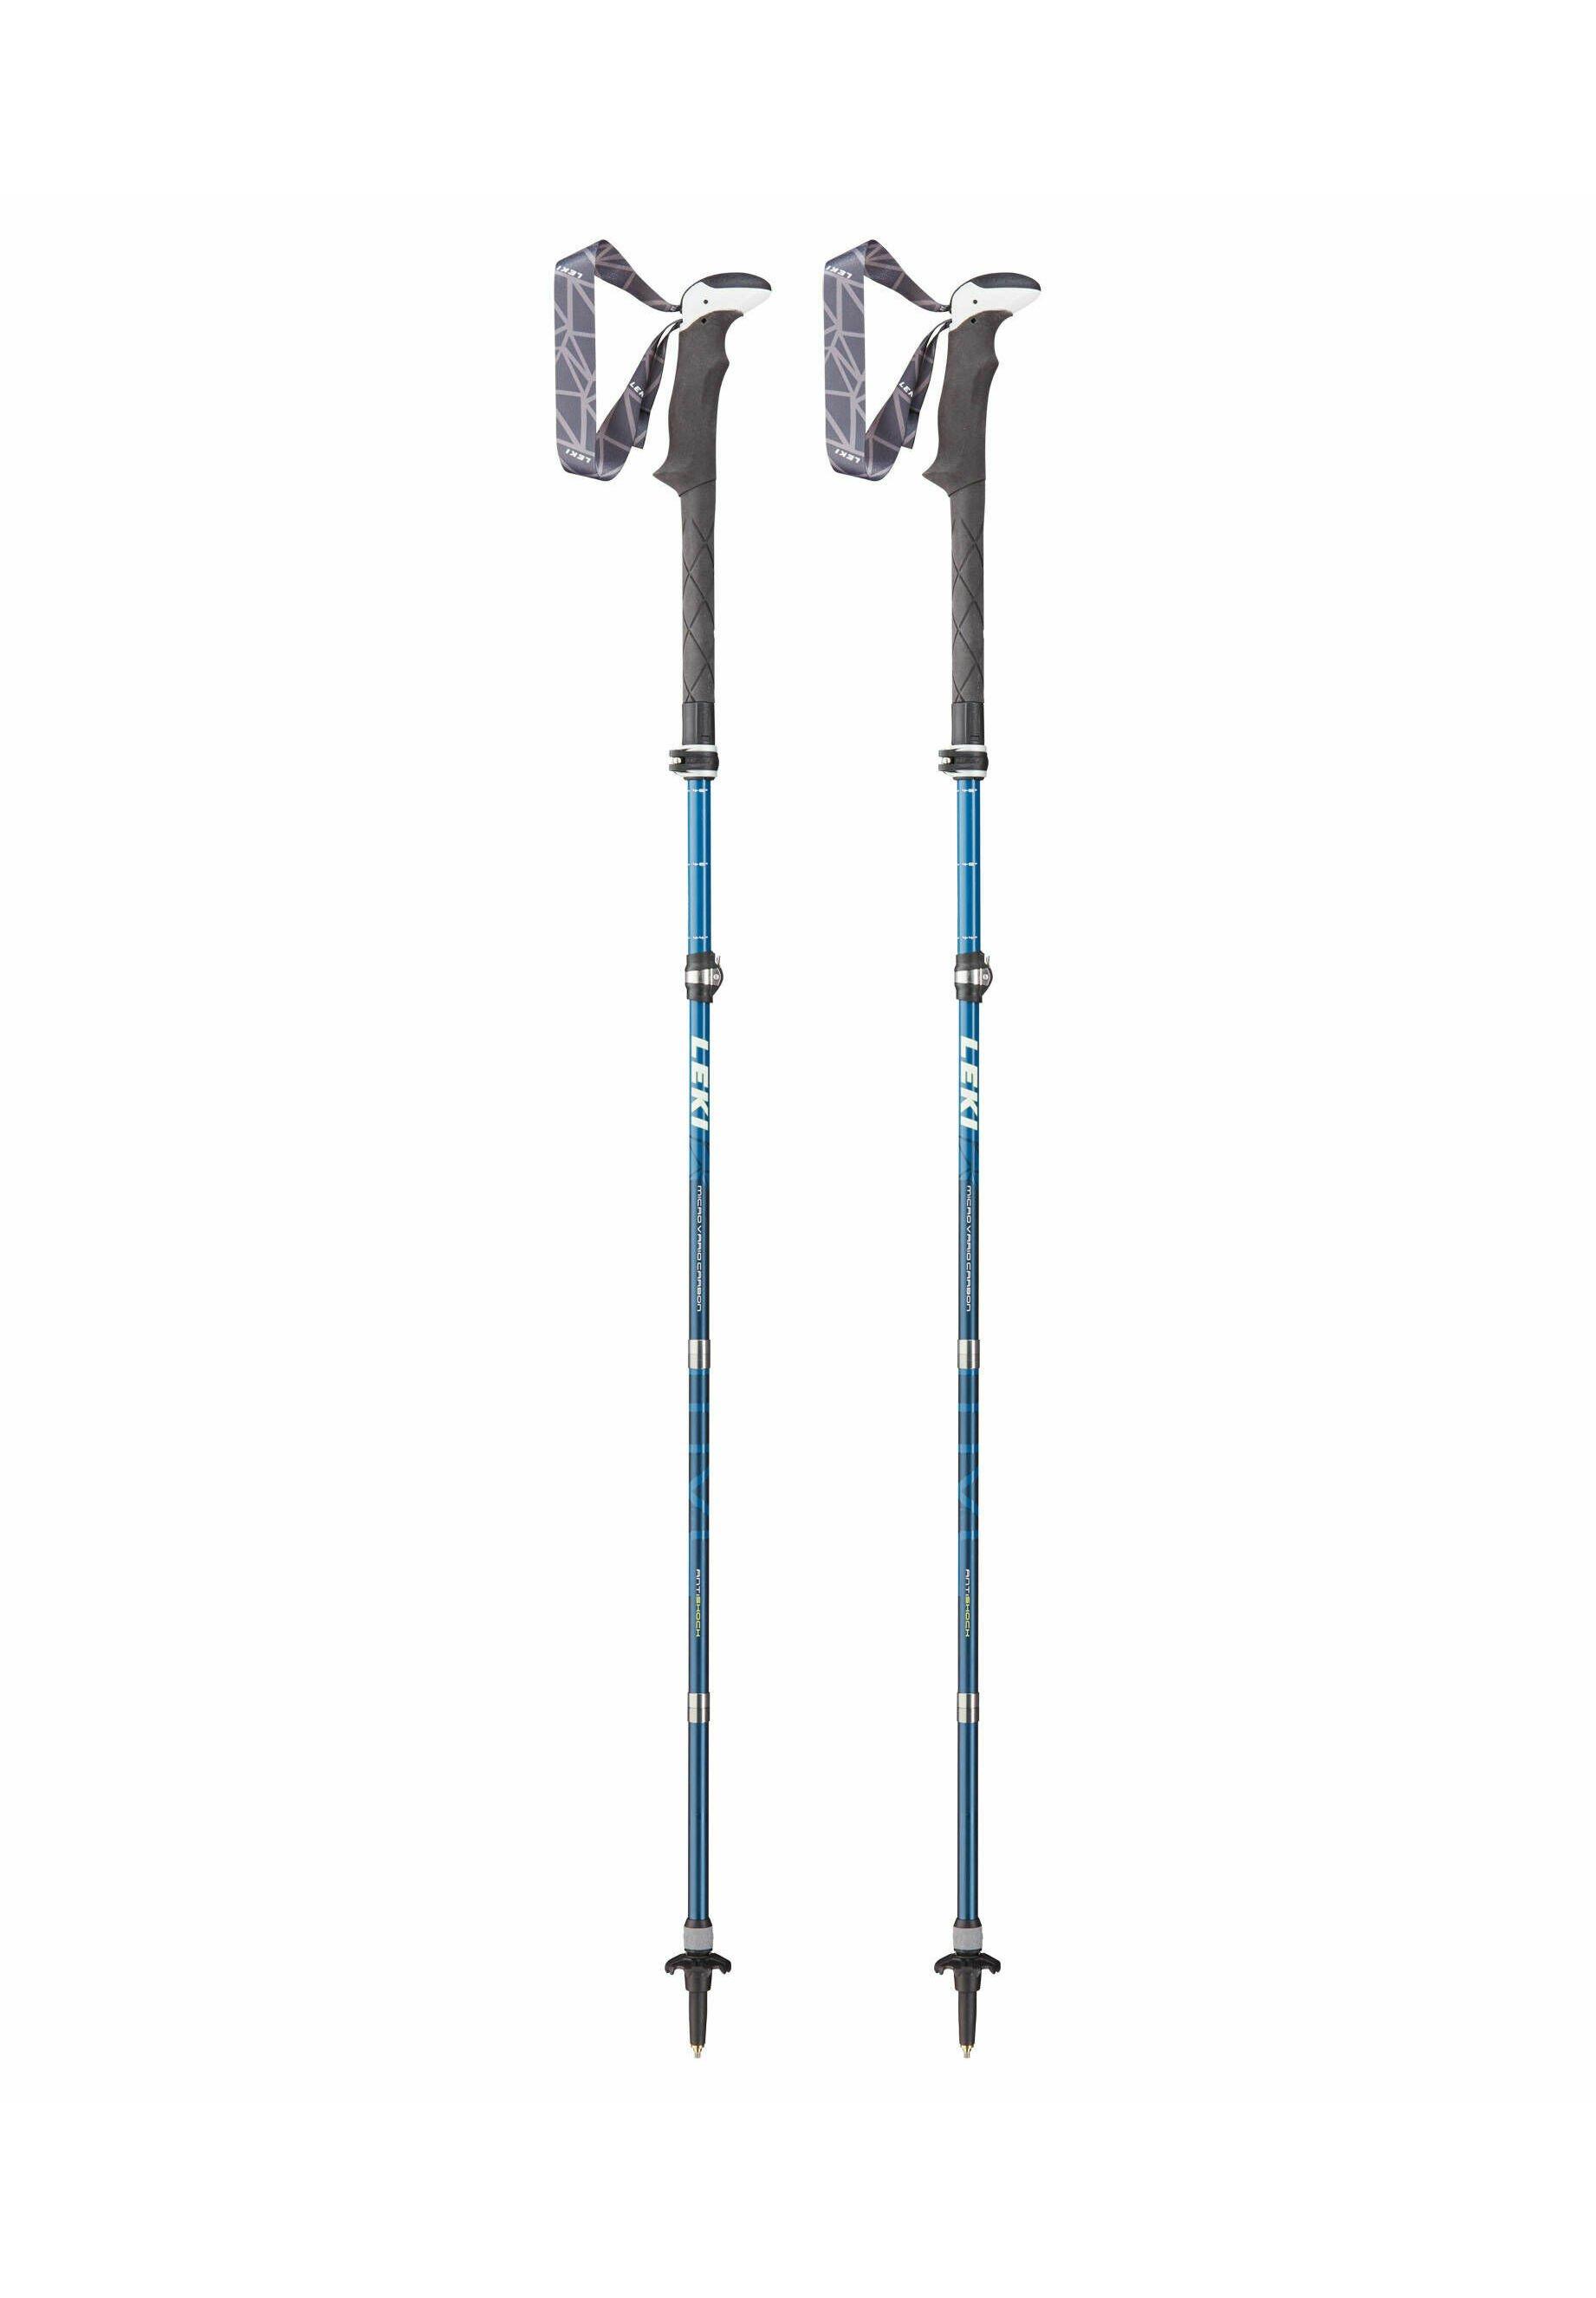 Herren MICRO VARIO CARBON ANTISHOCK - Ski/Snowboard Zubehör - blau